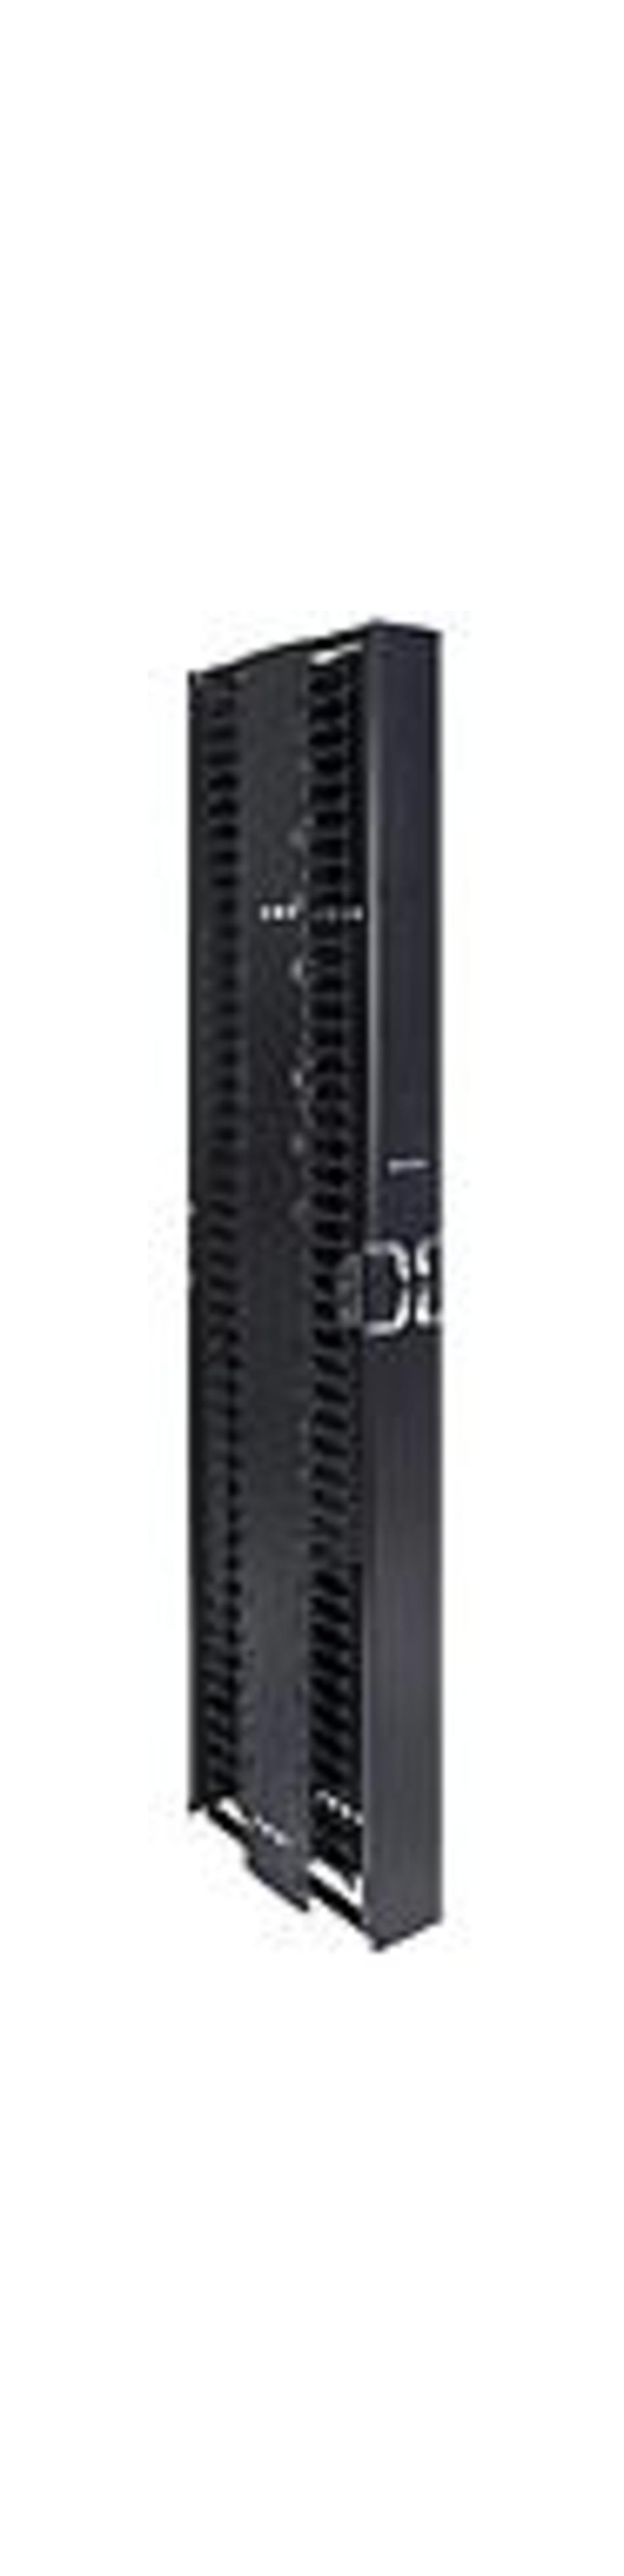 Commscope Cable VCM-DS-84-6B 6 x 84-inch Vertical Cable Management Kit - Black